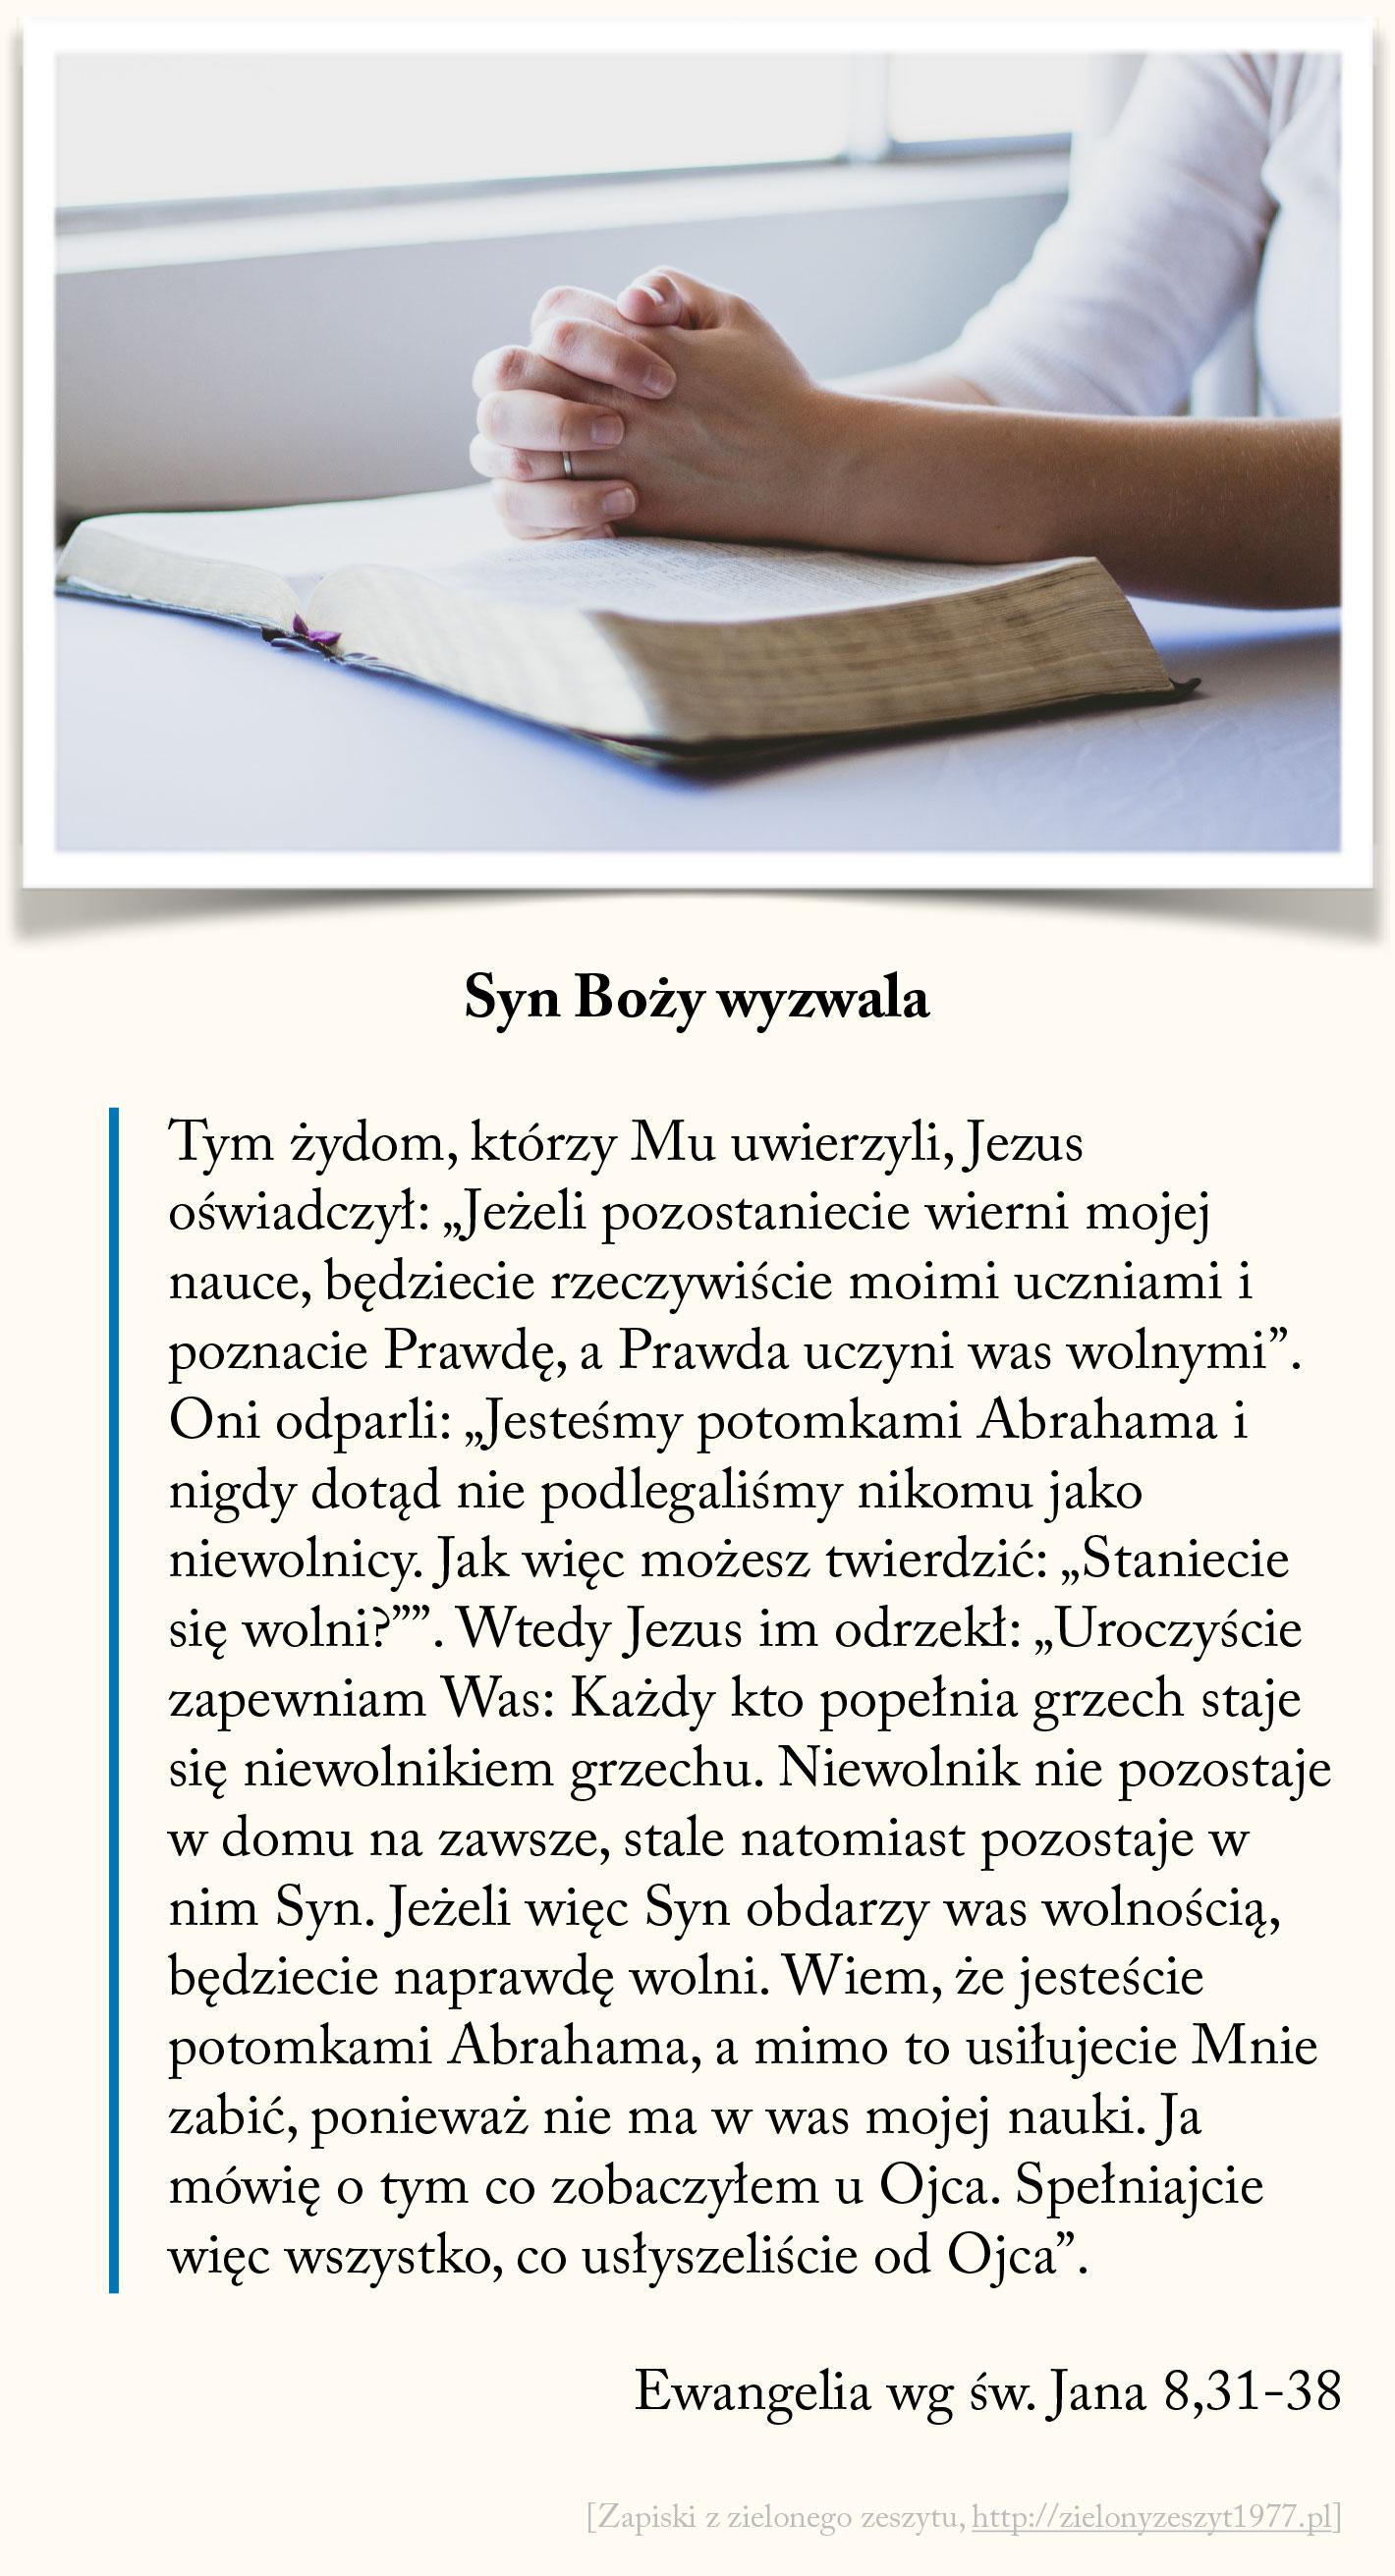 Syn Boży wyzwala, Ewangelia wg św. Jana